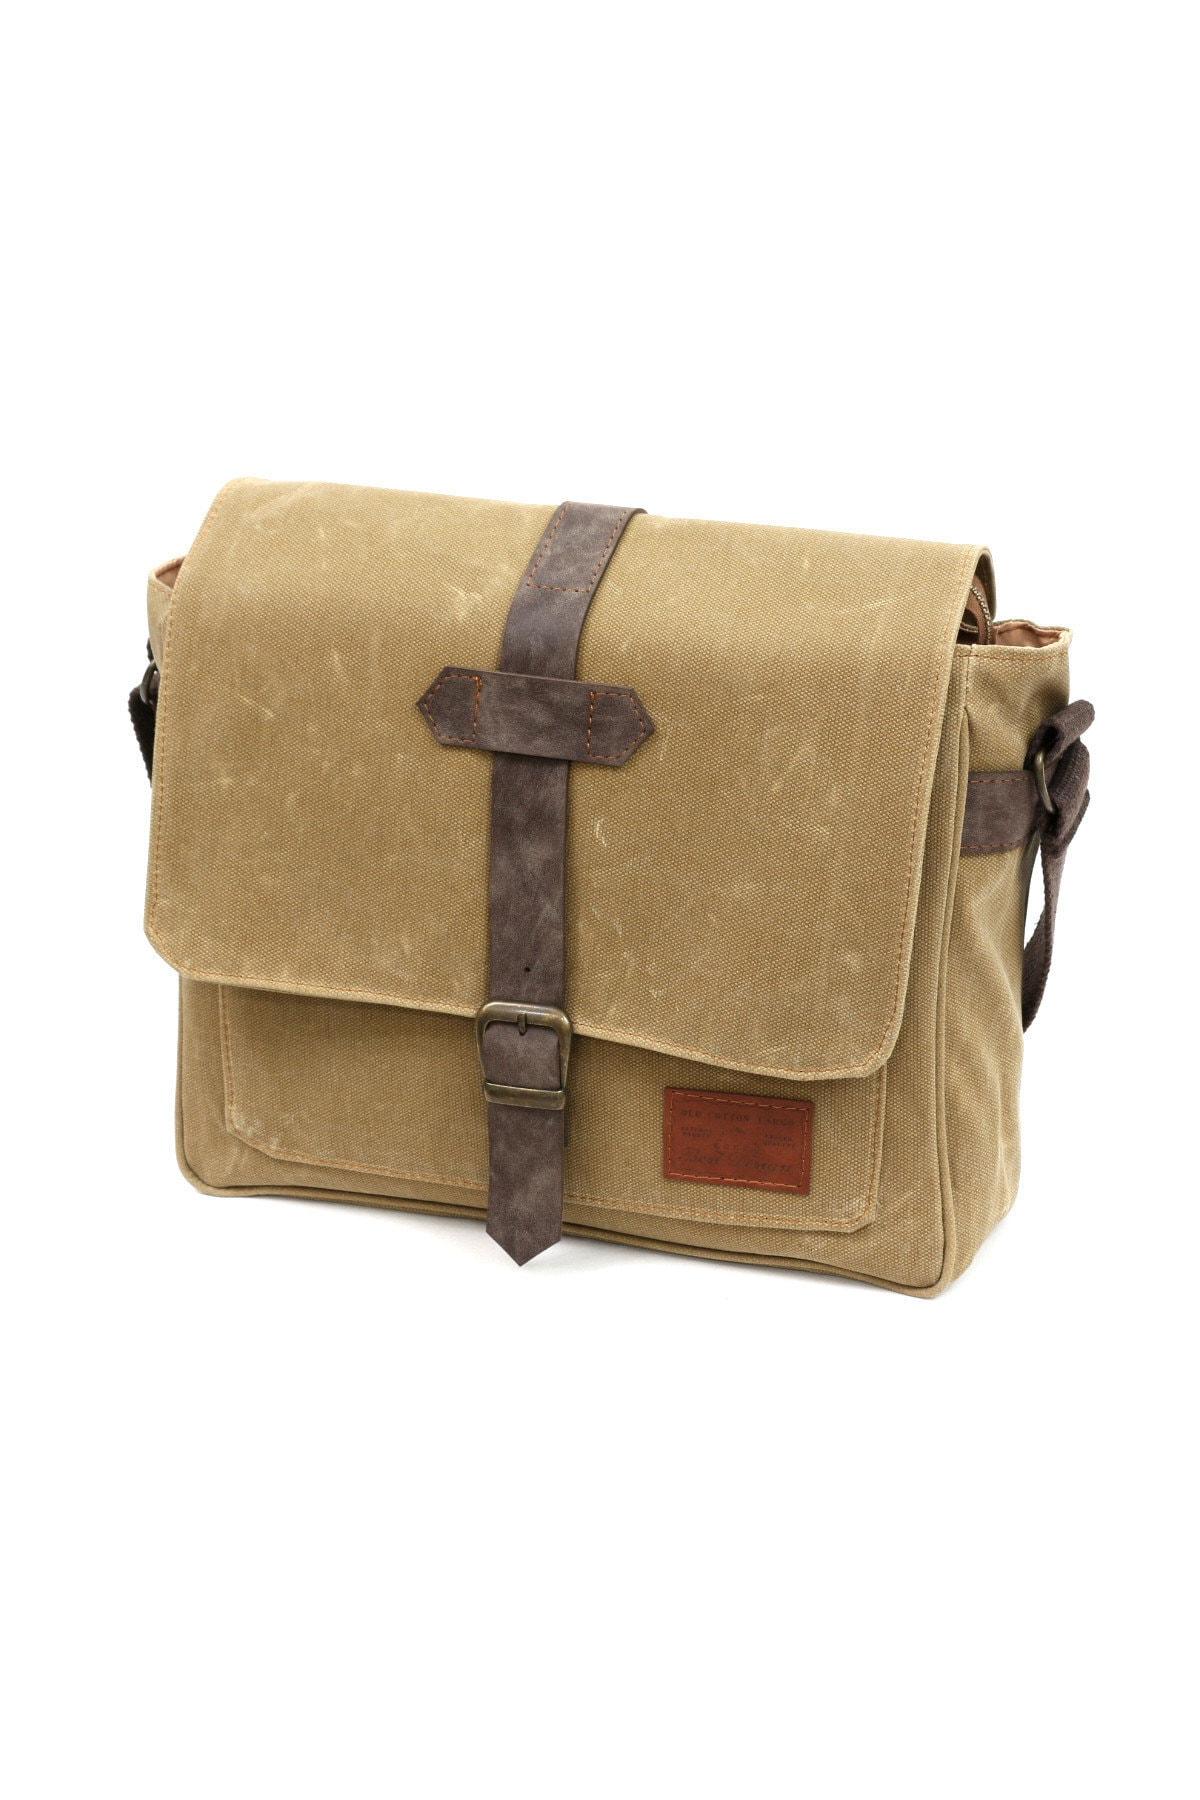 Old Cotton Cargo Su Geçirmez Pamuk Kumaş Laptop Evrak Seyahat Çantası 1